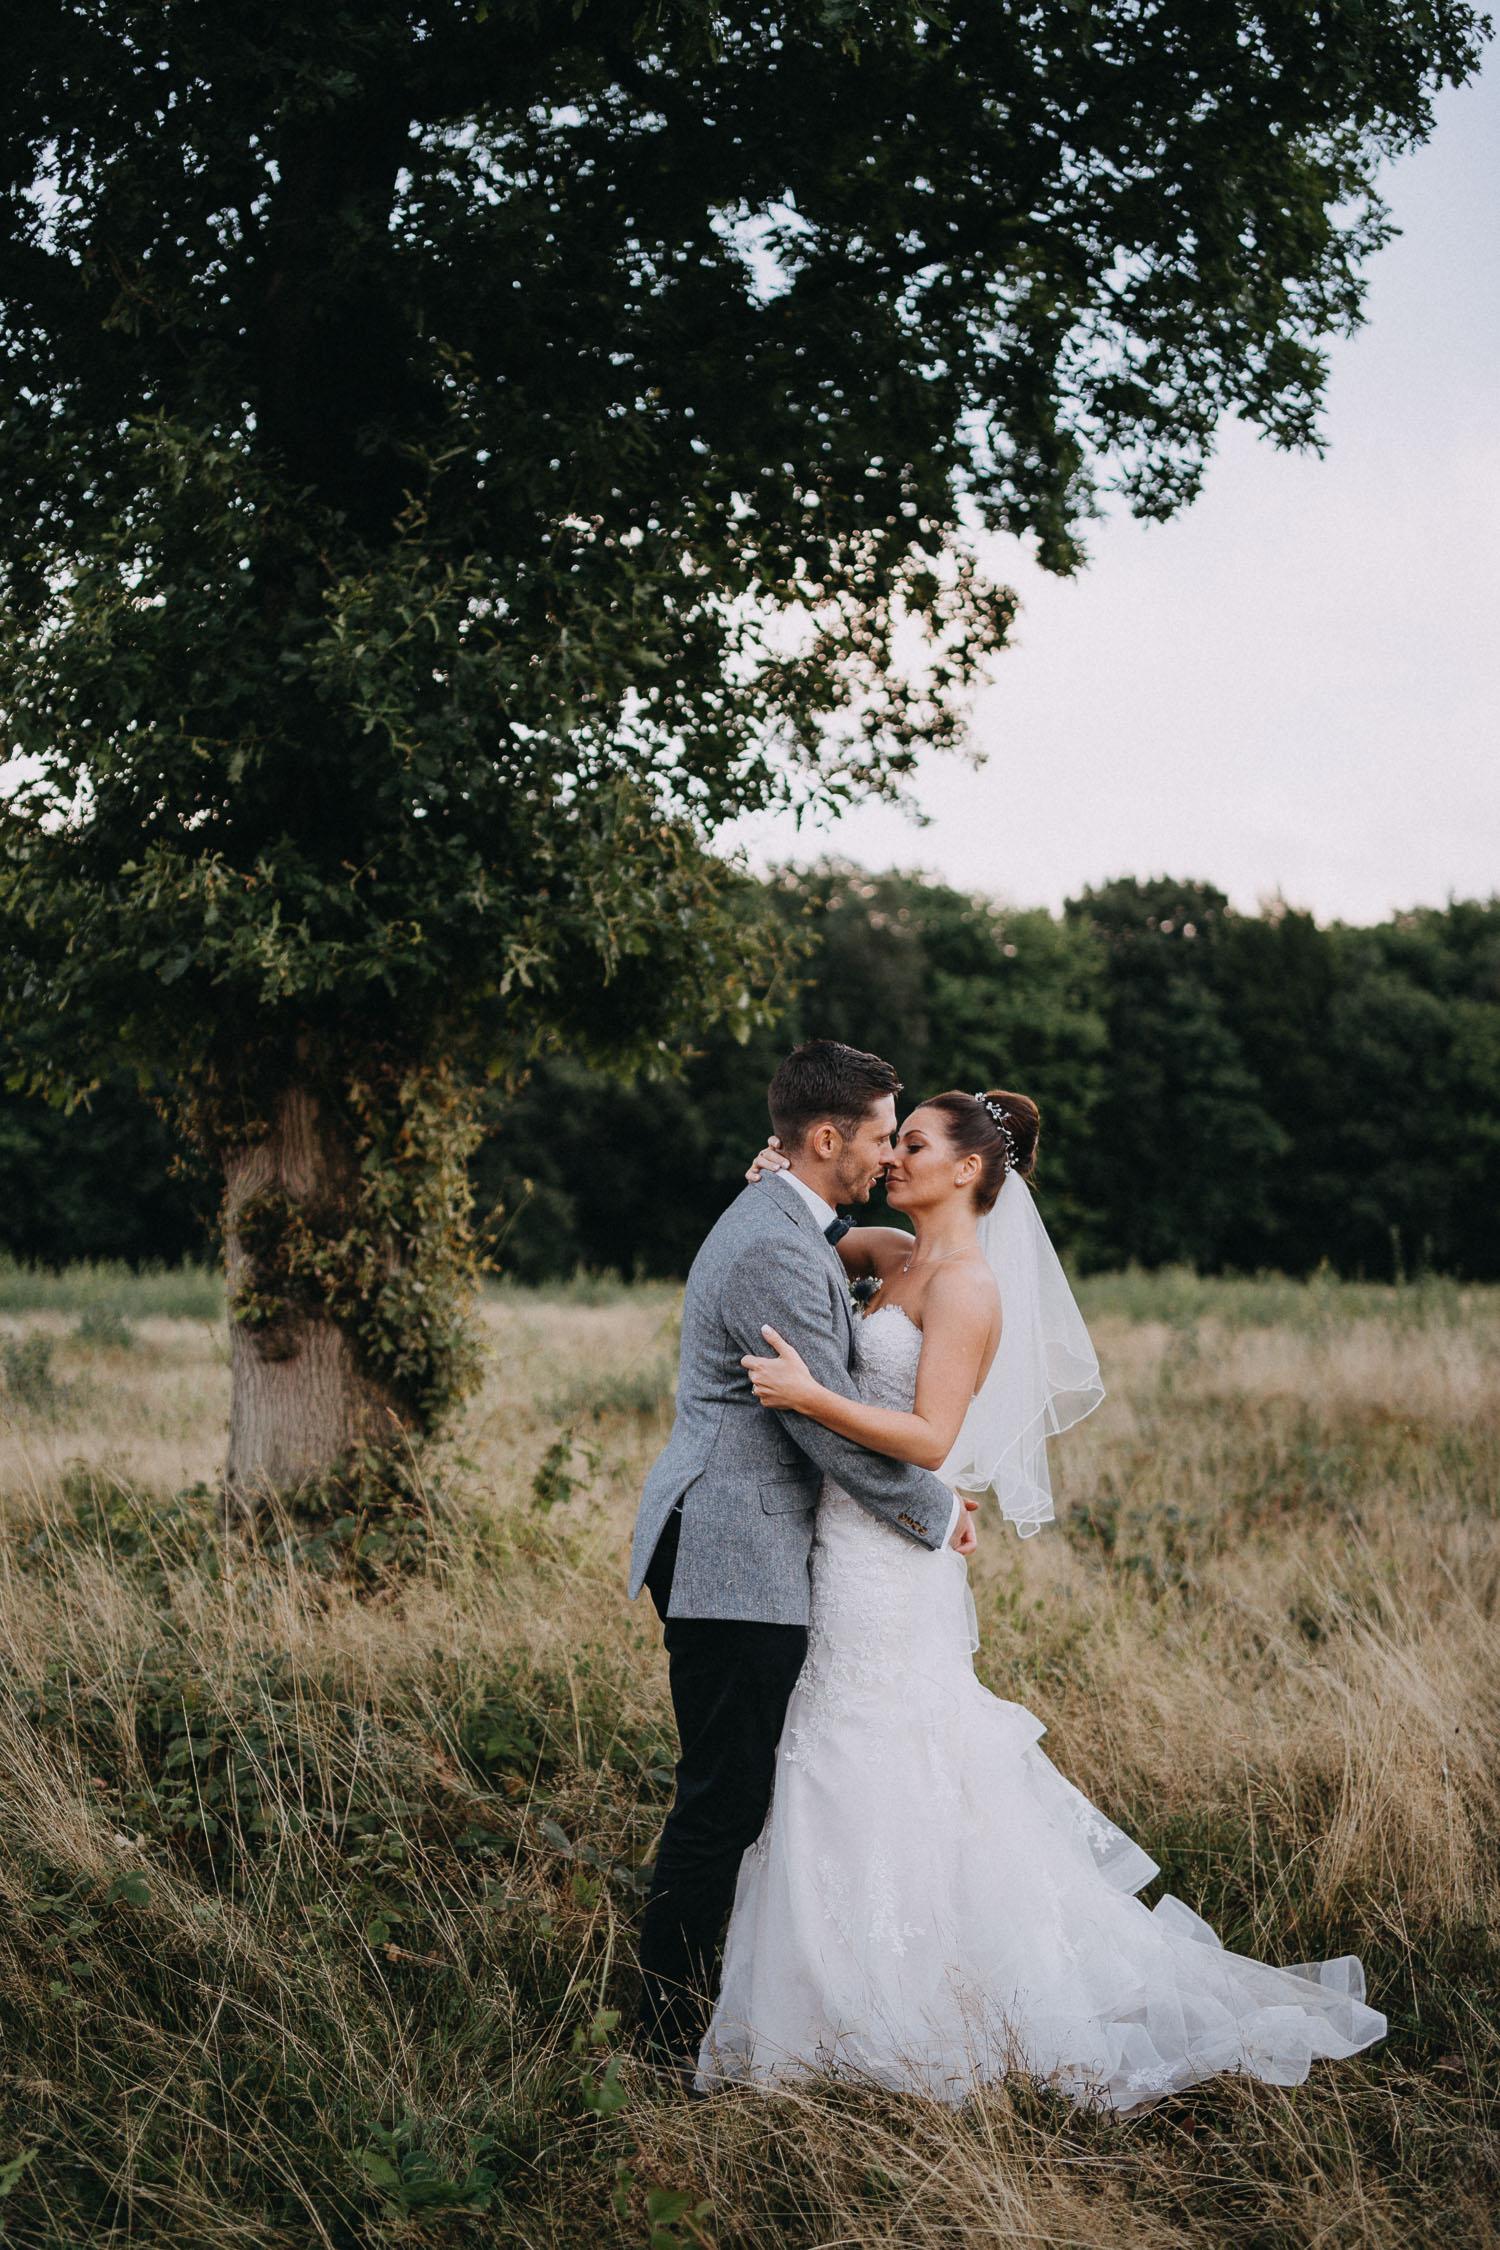 Wedding Photography at the Dreys, Kent